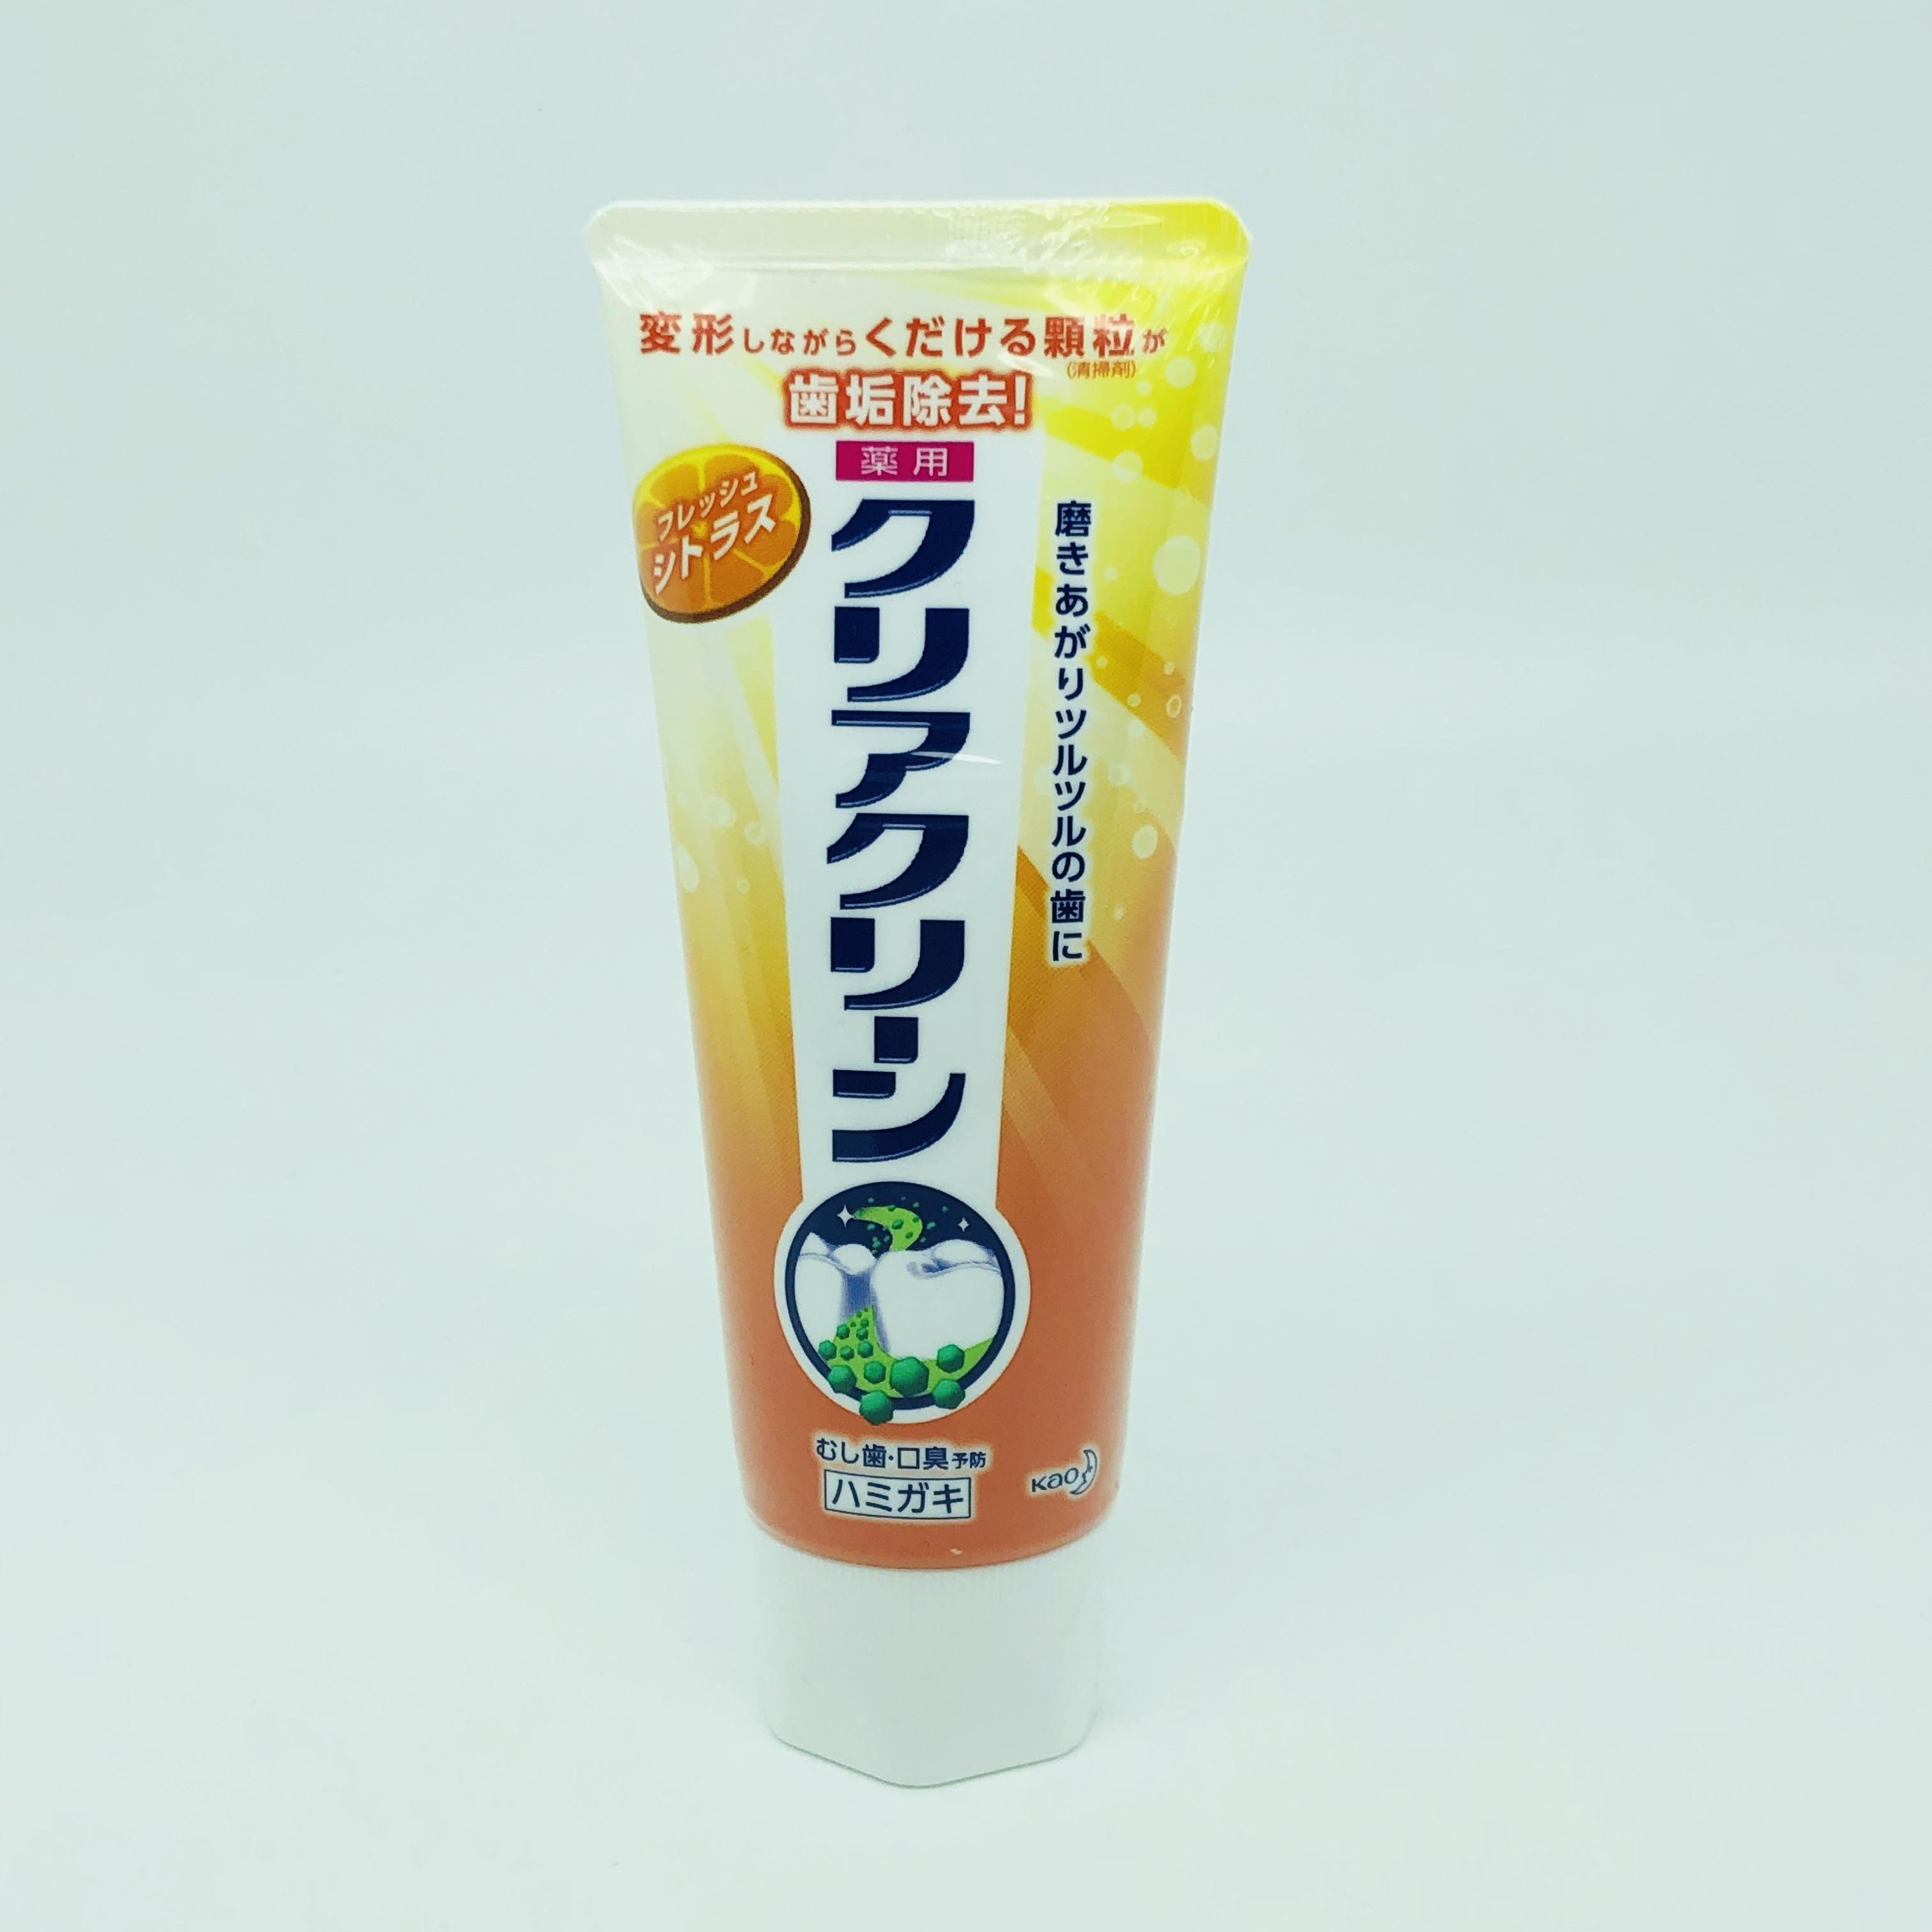 Kem đánh răng KAO Clear Clean hương chanh